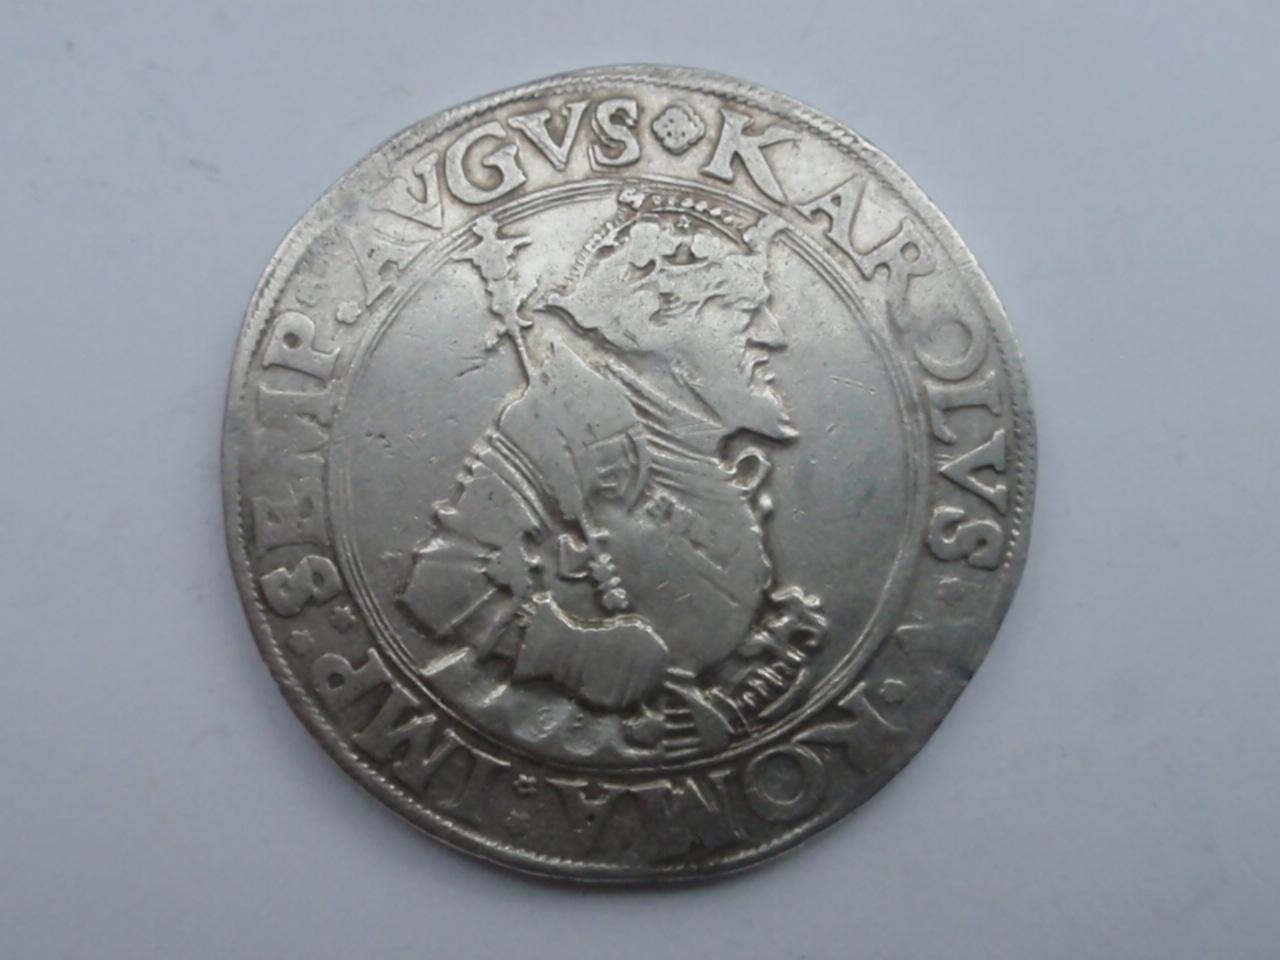 Thaler de Carlos V - 1540. Kempten.  Ci_anv